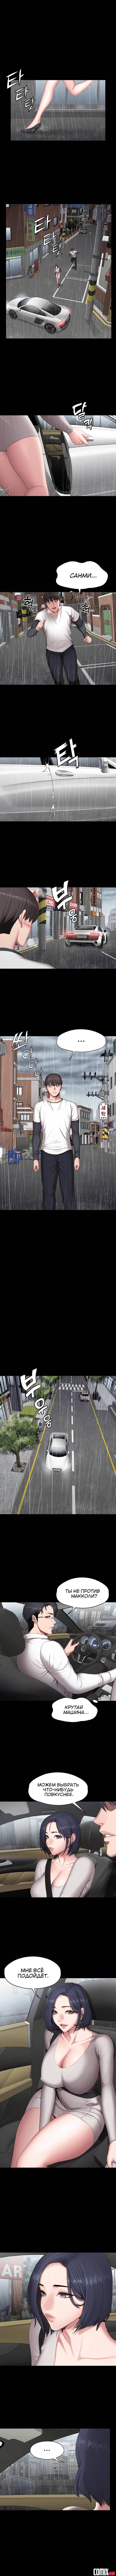 Манхва Фитнес, часть 74 Большая грудь, Большая попа, Хентай манга, манхва